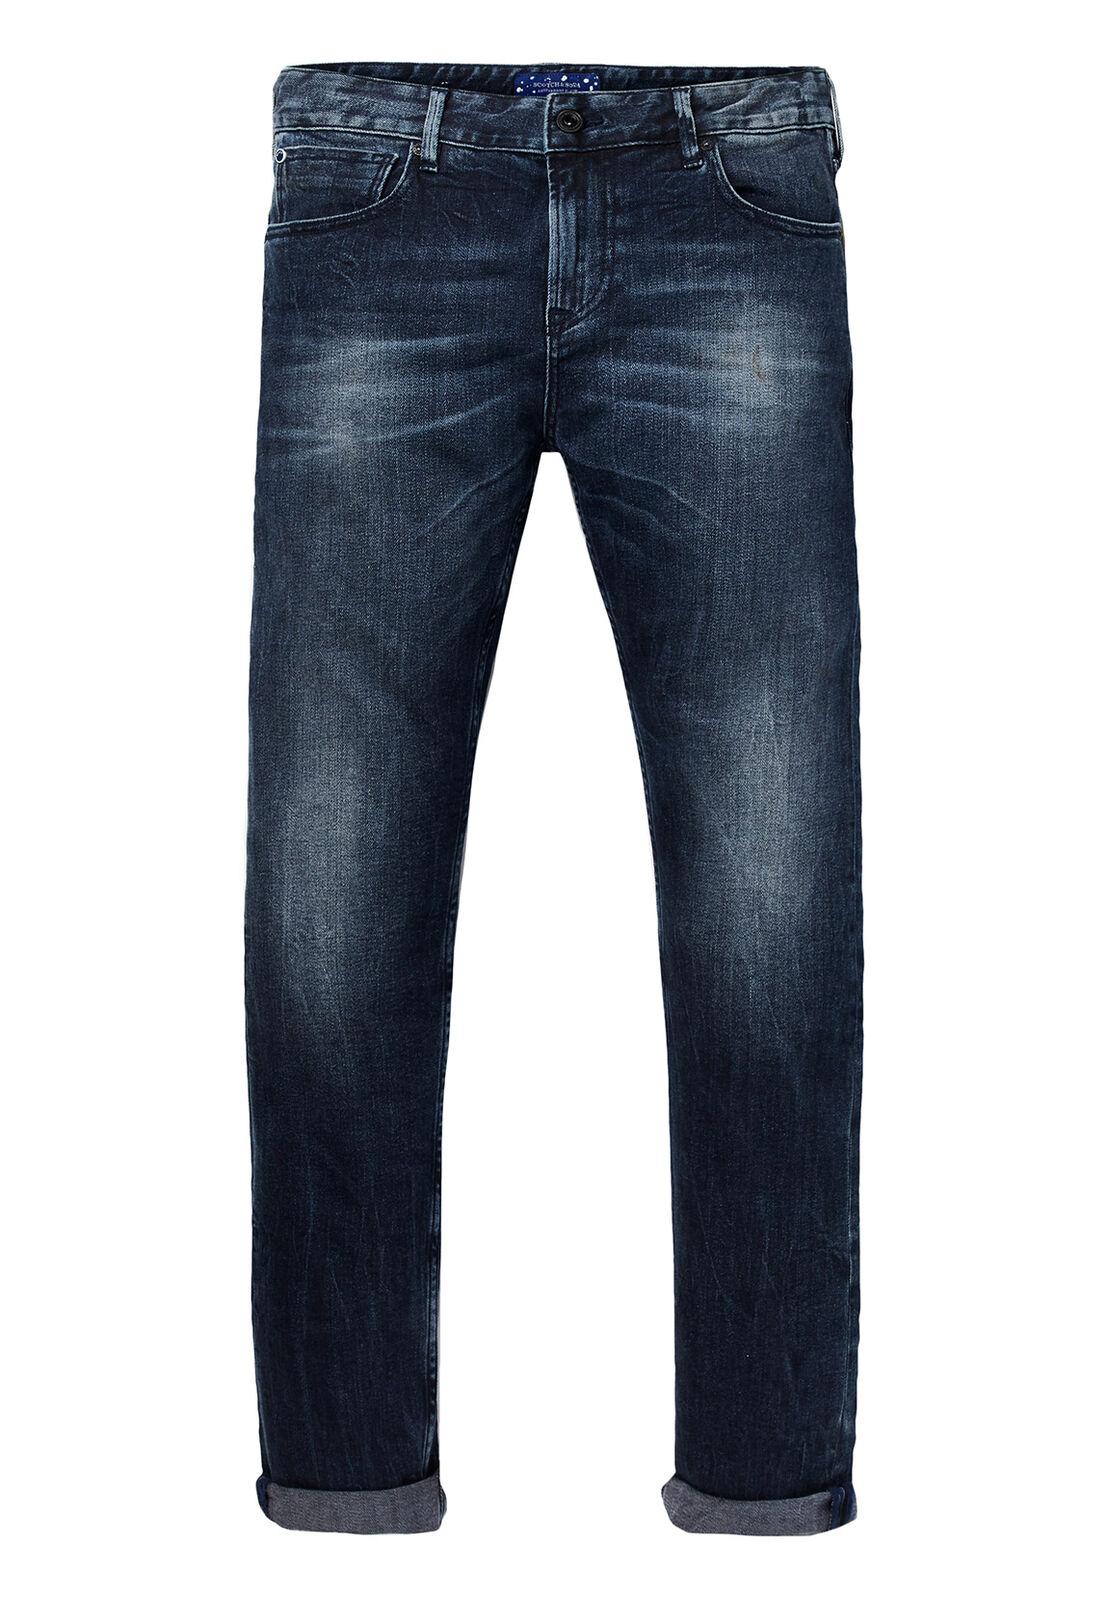 Scotch & Soda Men's Jeans Tye 133357 Completely Lost 2355 Dark bluee